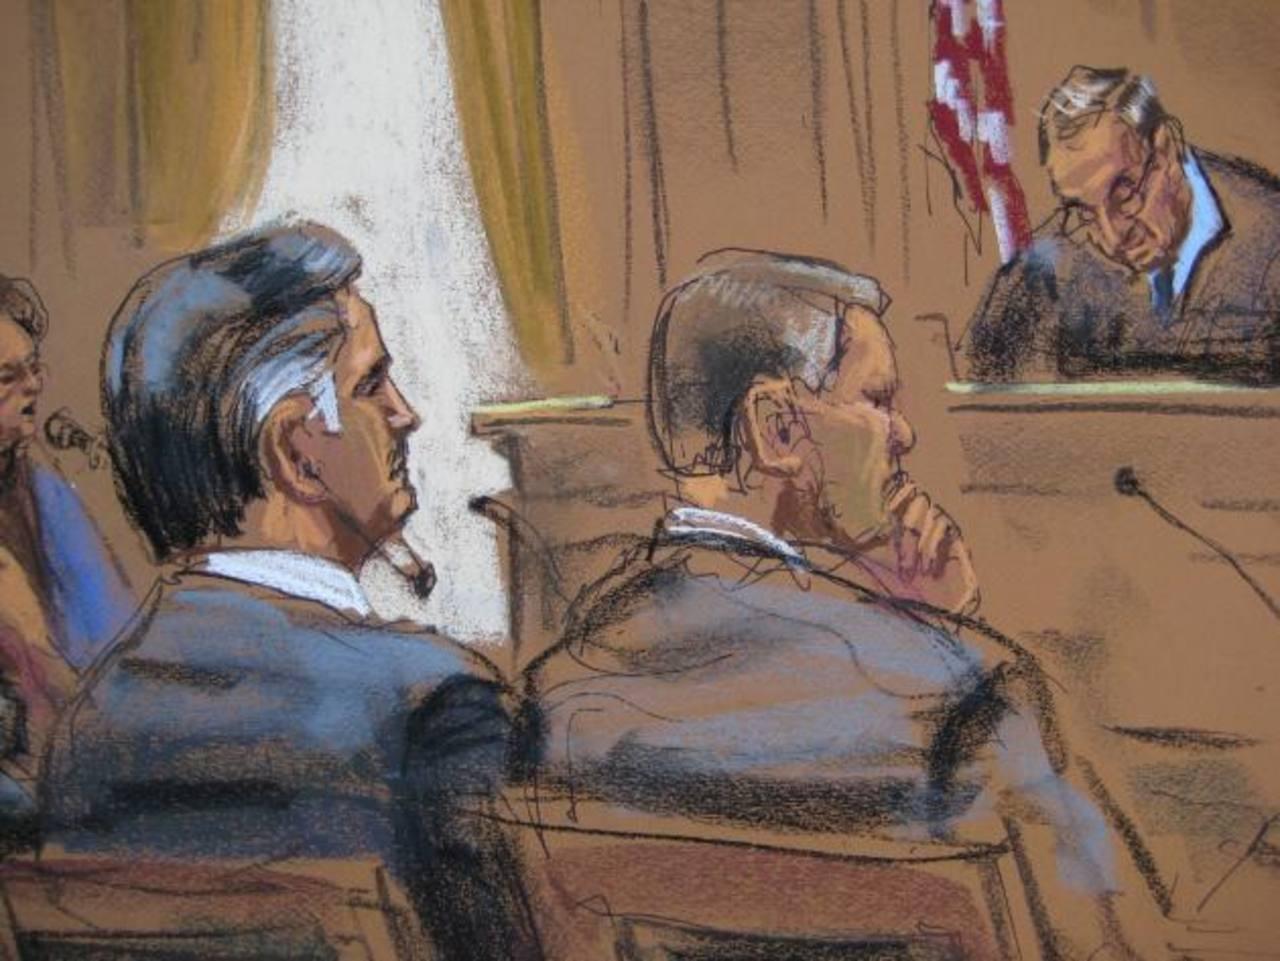 Bosquejo de la corte donde el ex presidente guatemalteco Alfonso Portillo se presentó ayer ante el juez Robert Patterson en un tribunal de Nueva Yor, EE. UU. foto edh / Reuters